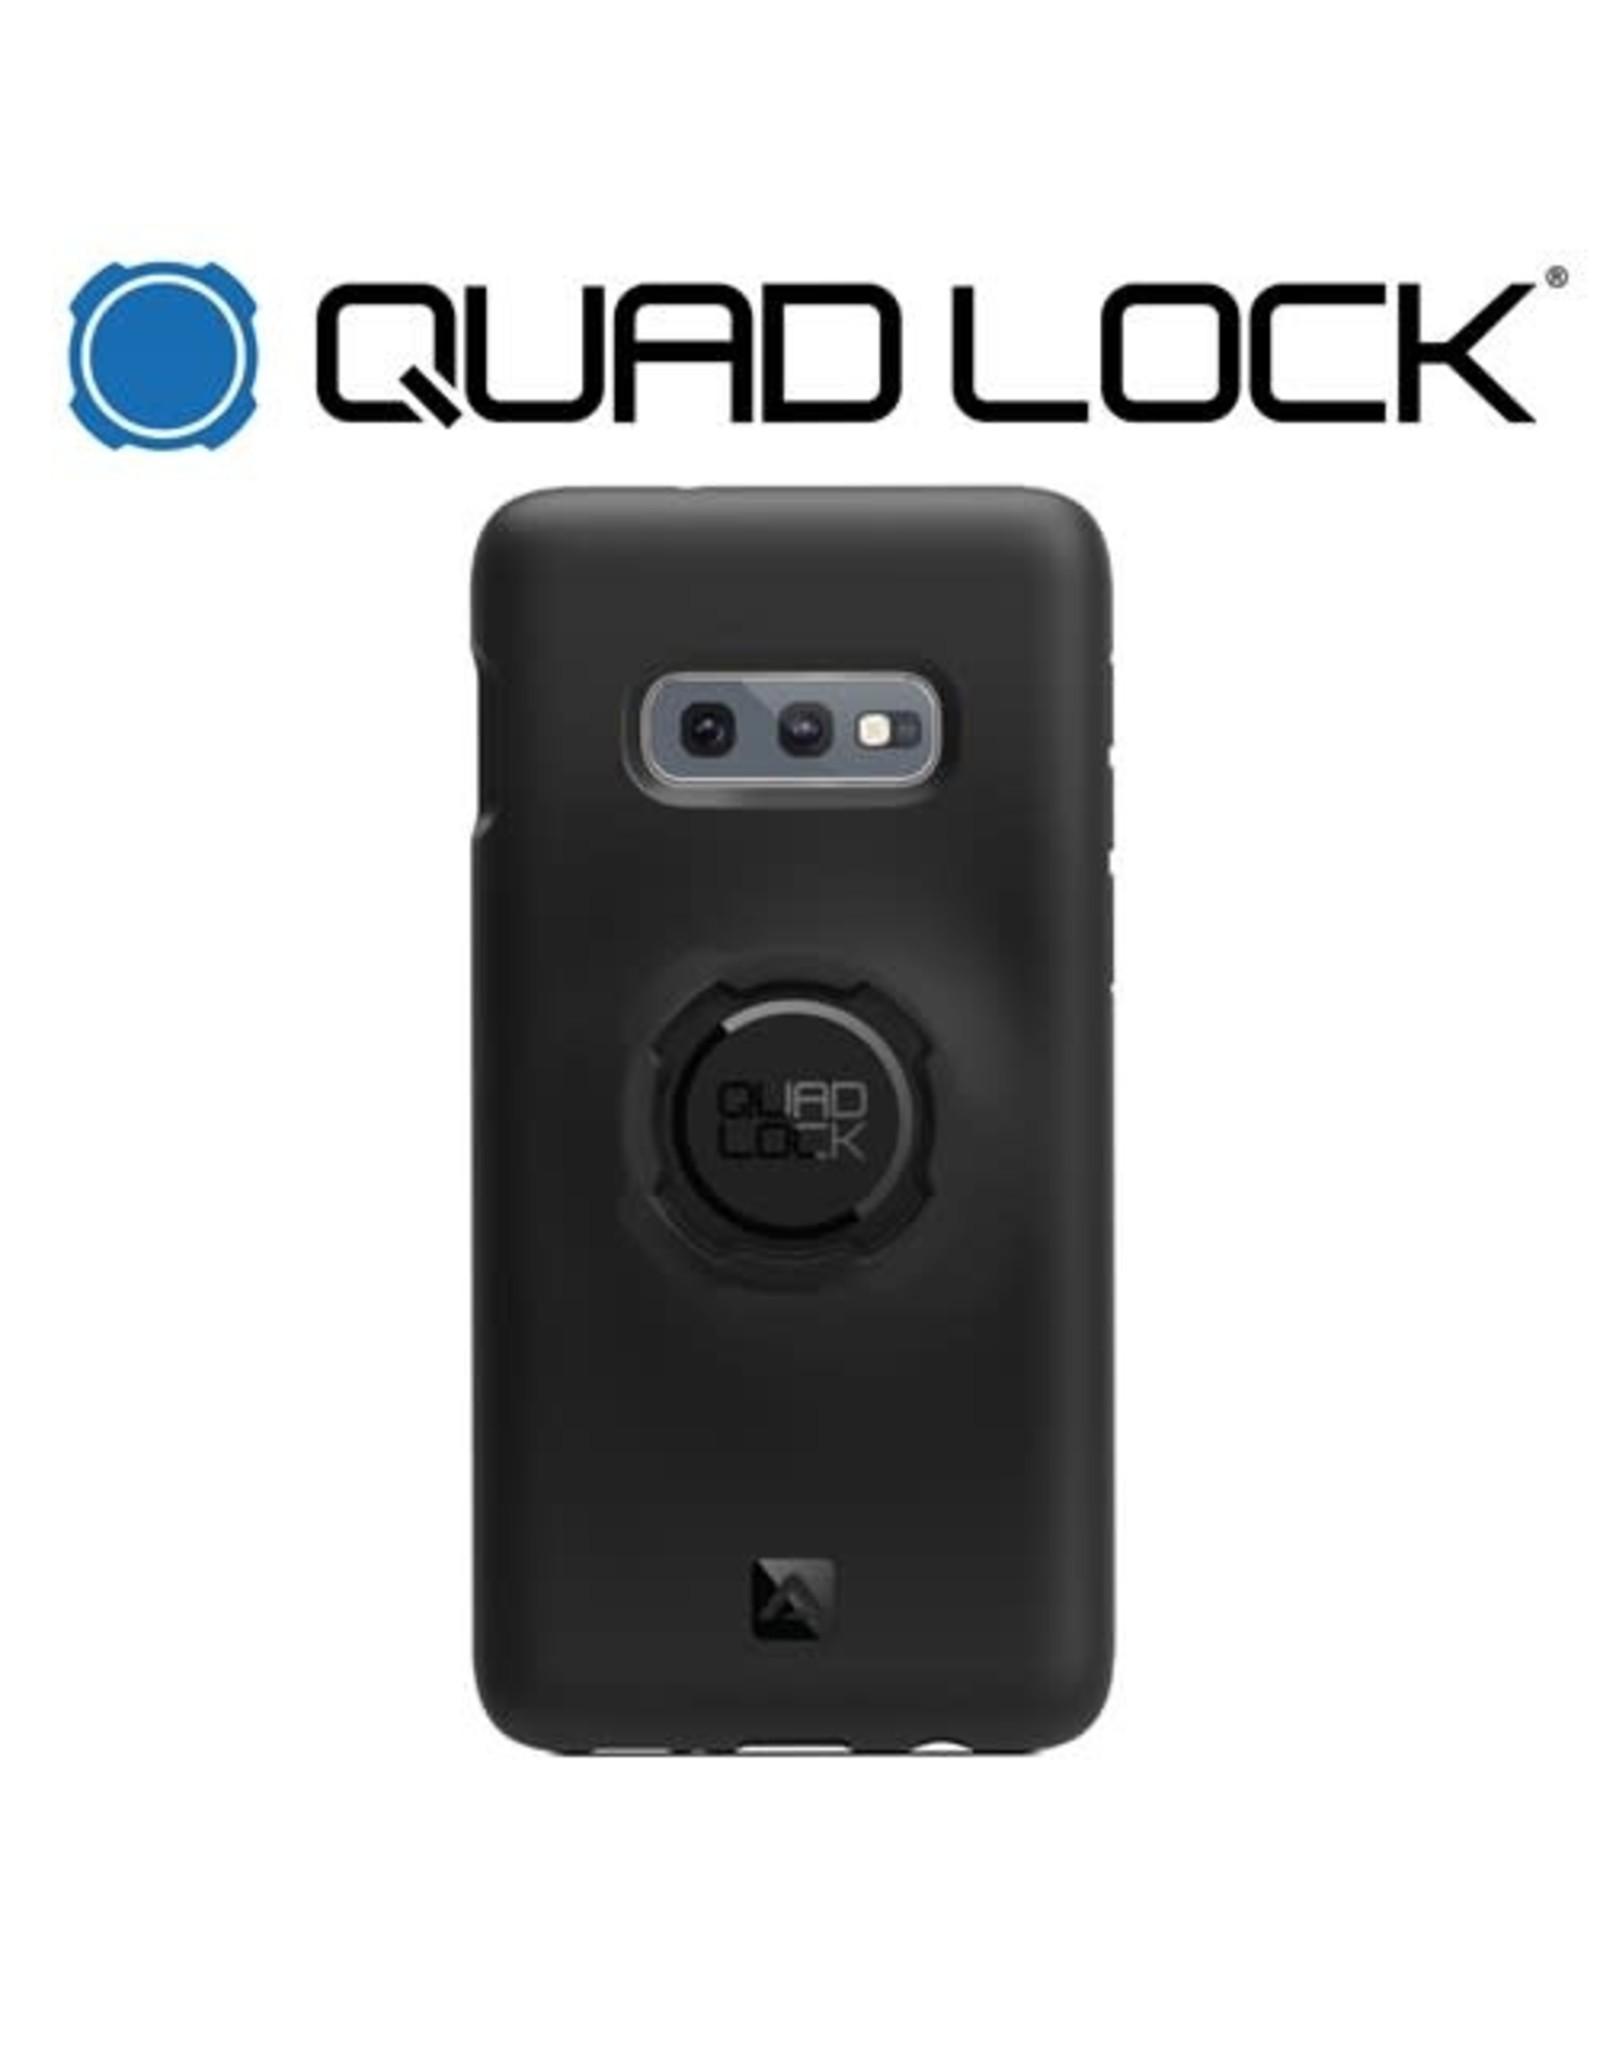 QUAD LOCK QUAD LOCK FOR GALAXY S10e PHONE CASE